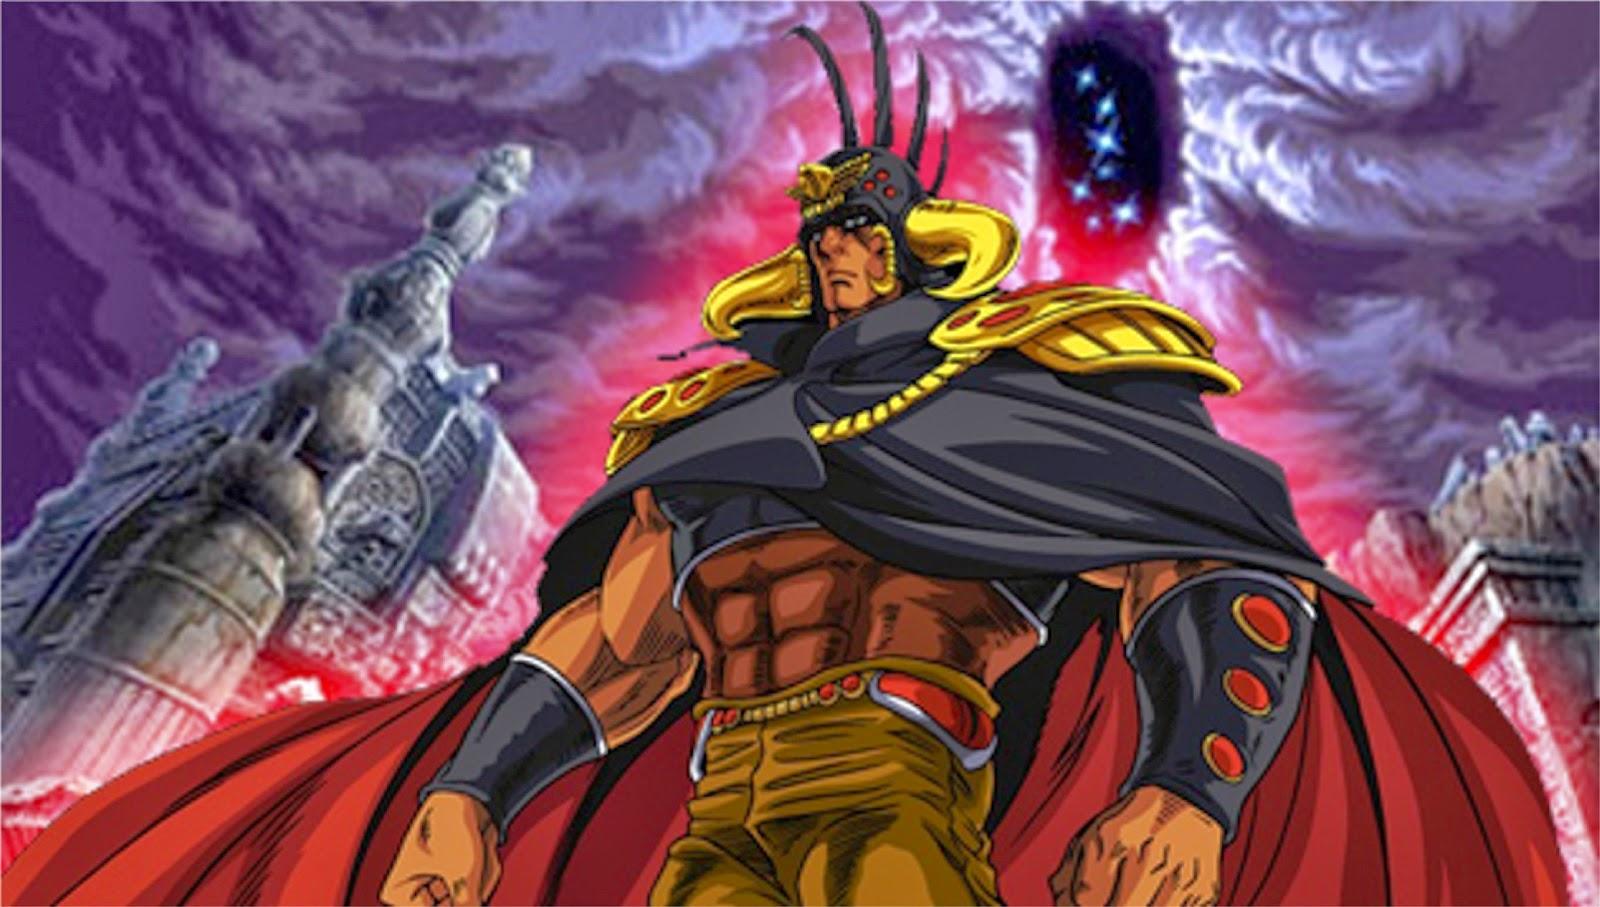 Ken il guerriero: mitologico eroe di unintera generazione lo sbuffo